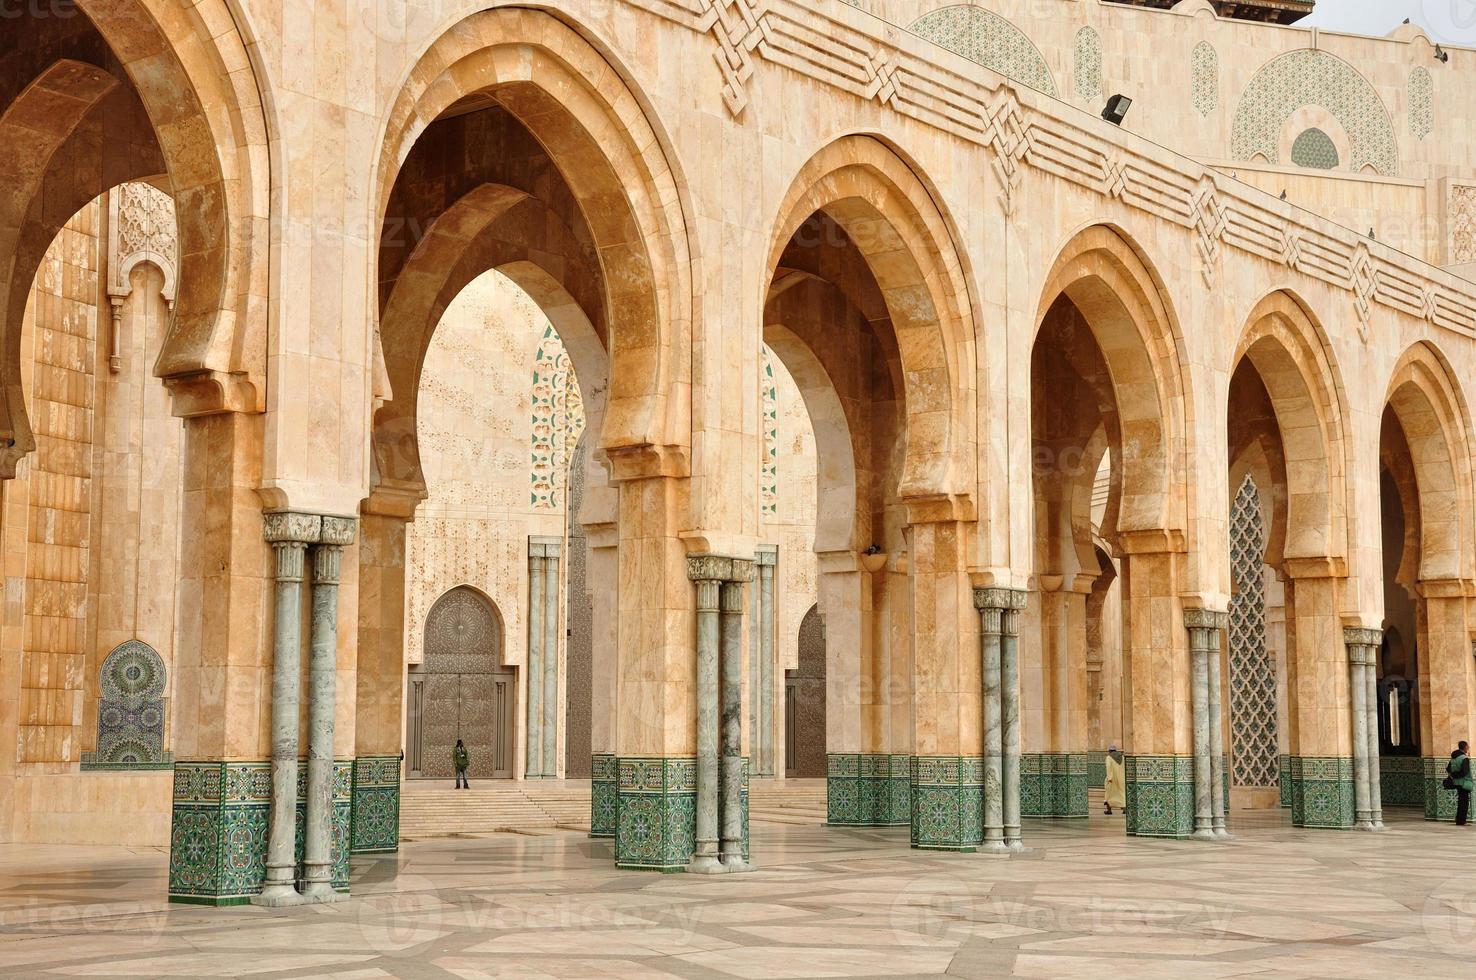 mezquita hassan ii en casablanca foto